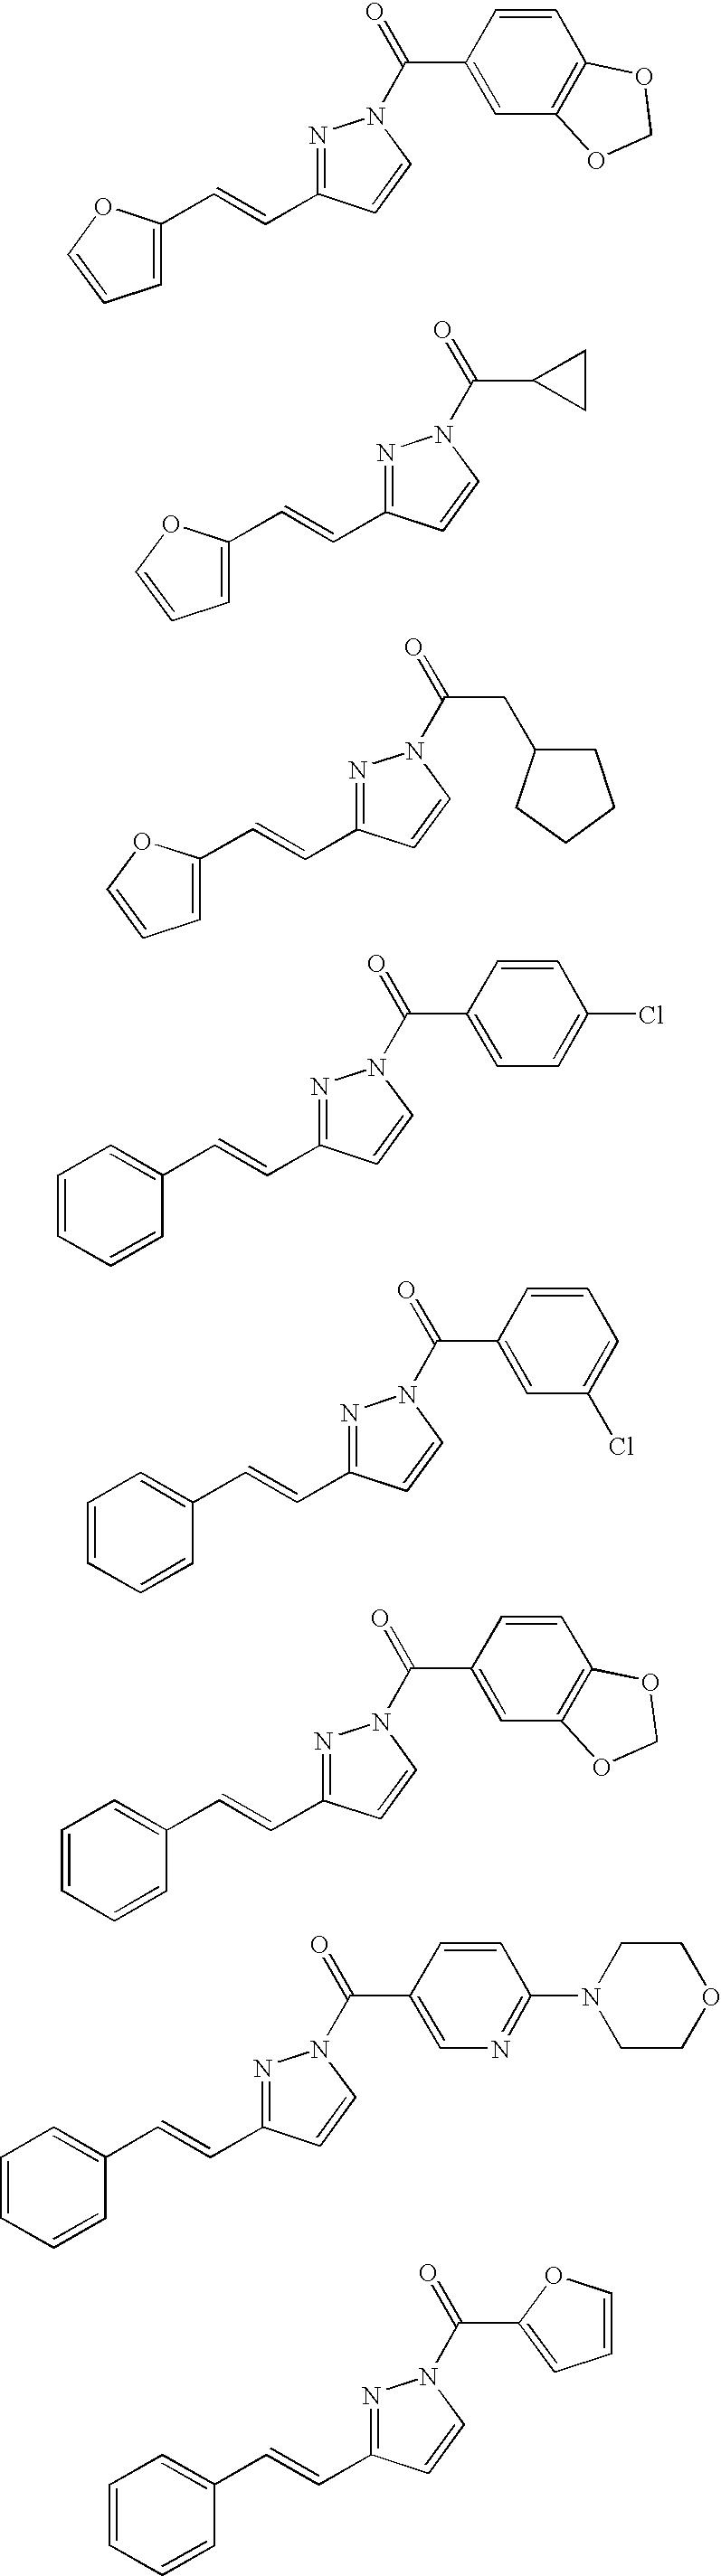 Figure US07192976-20070320-C00067